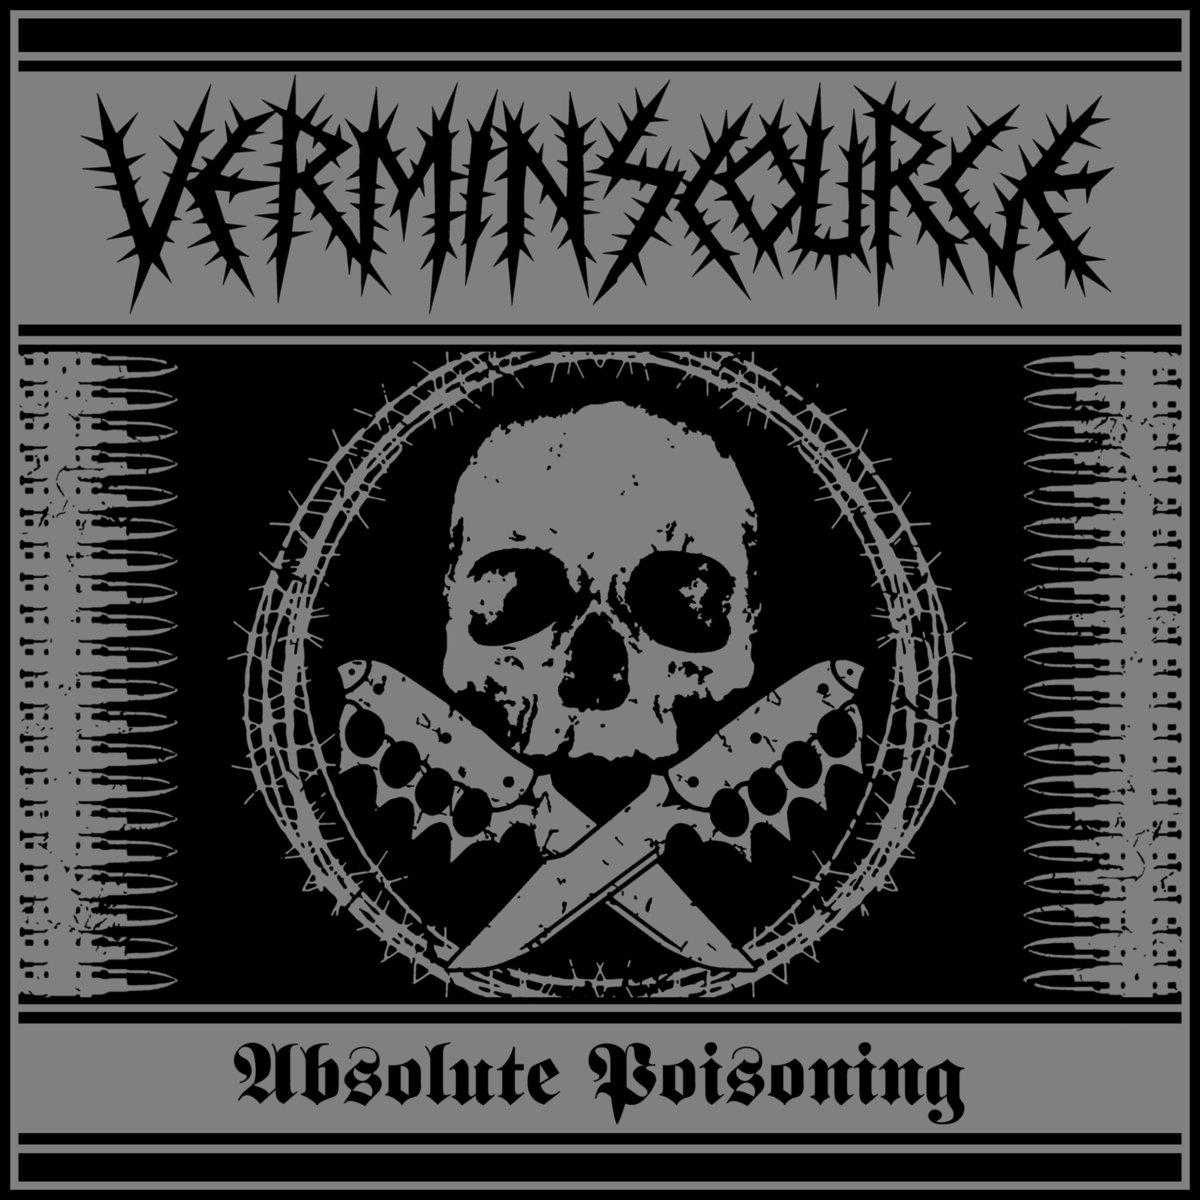 Vermin Scourge - rusted tank warfare